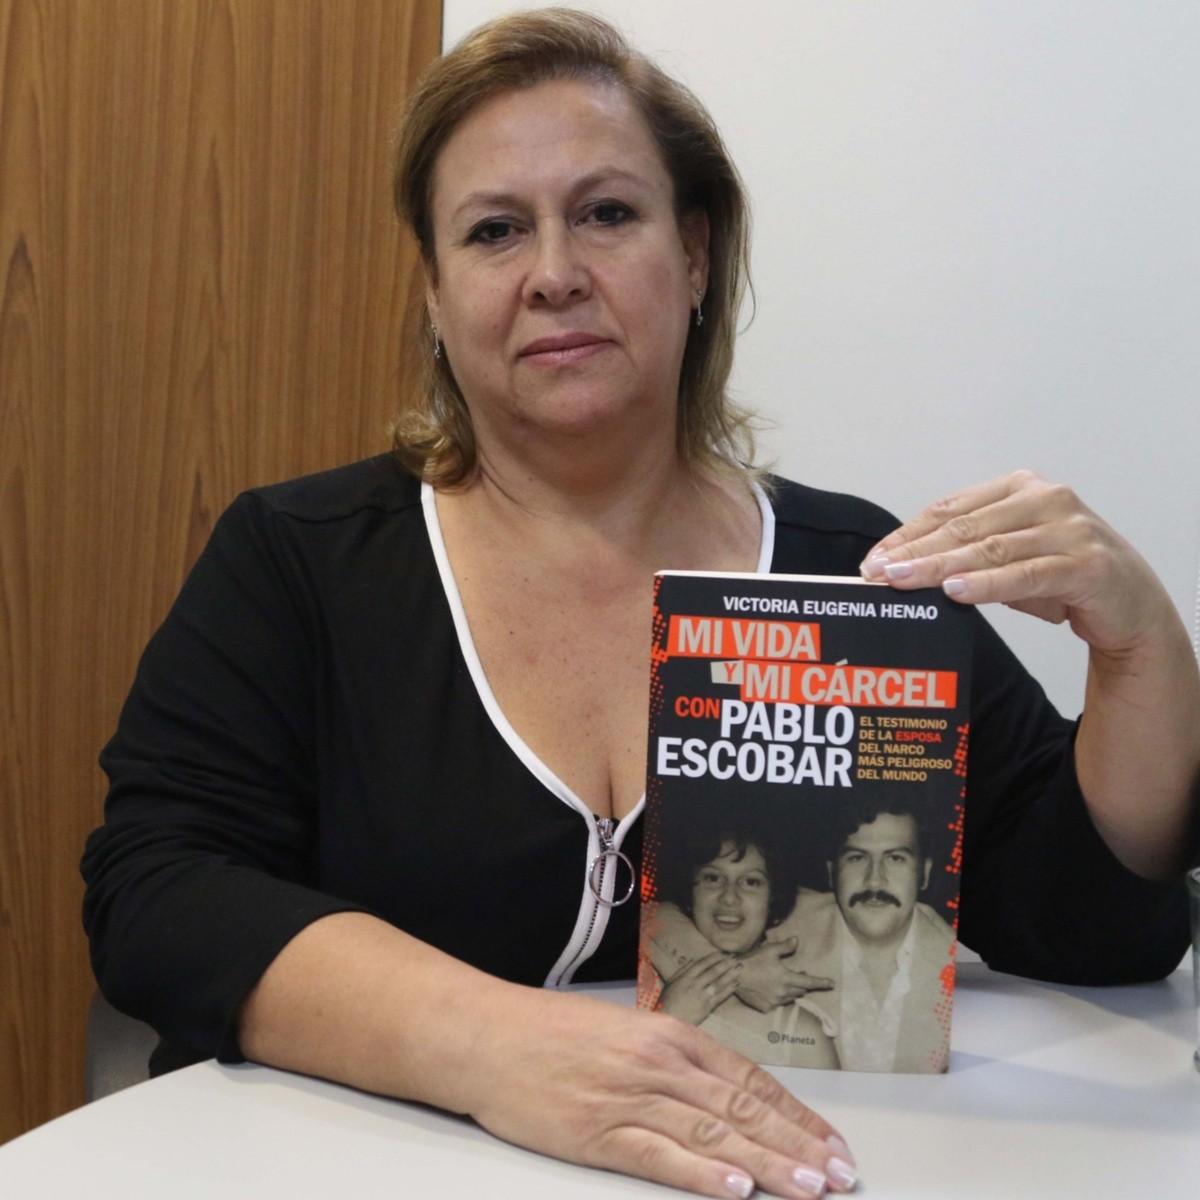 Los Lujos Se Volvieron Pesadilla Dice Esposa De Pablo Escobar El Informador